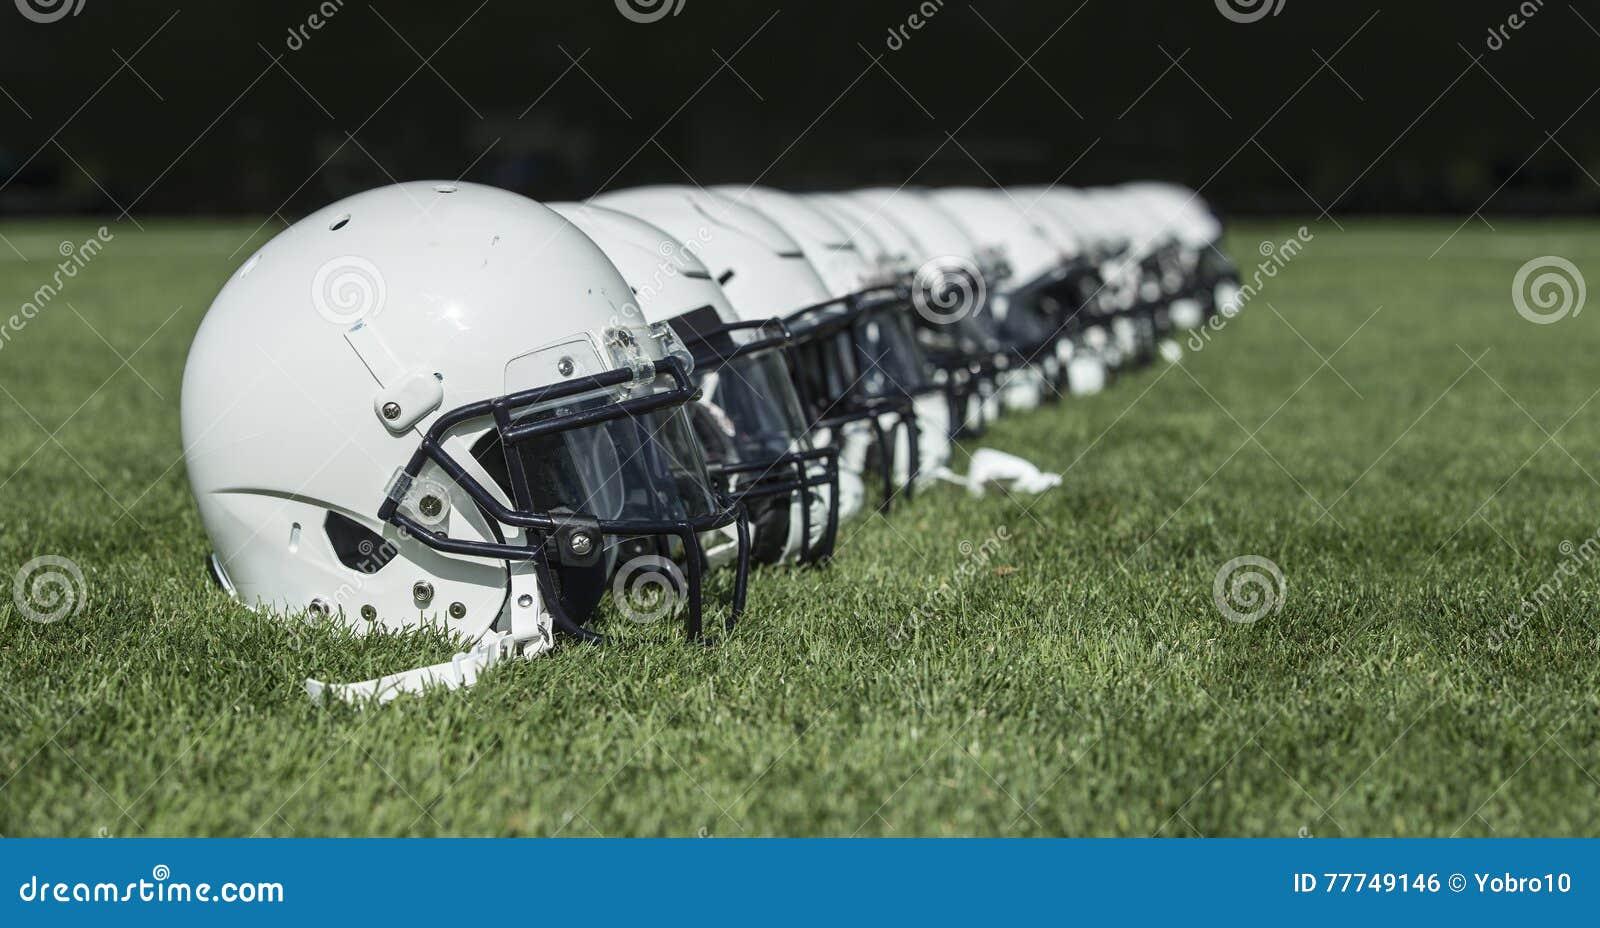 Fileira de capacetes de futebol americano antes de um jogo